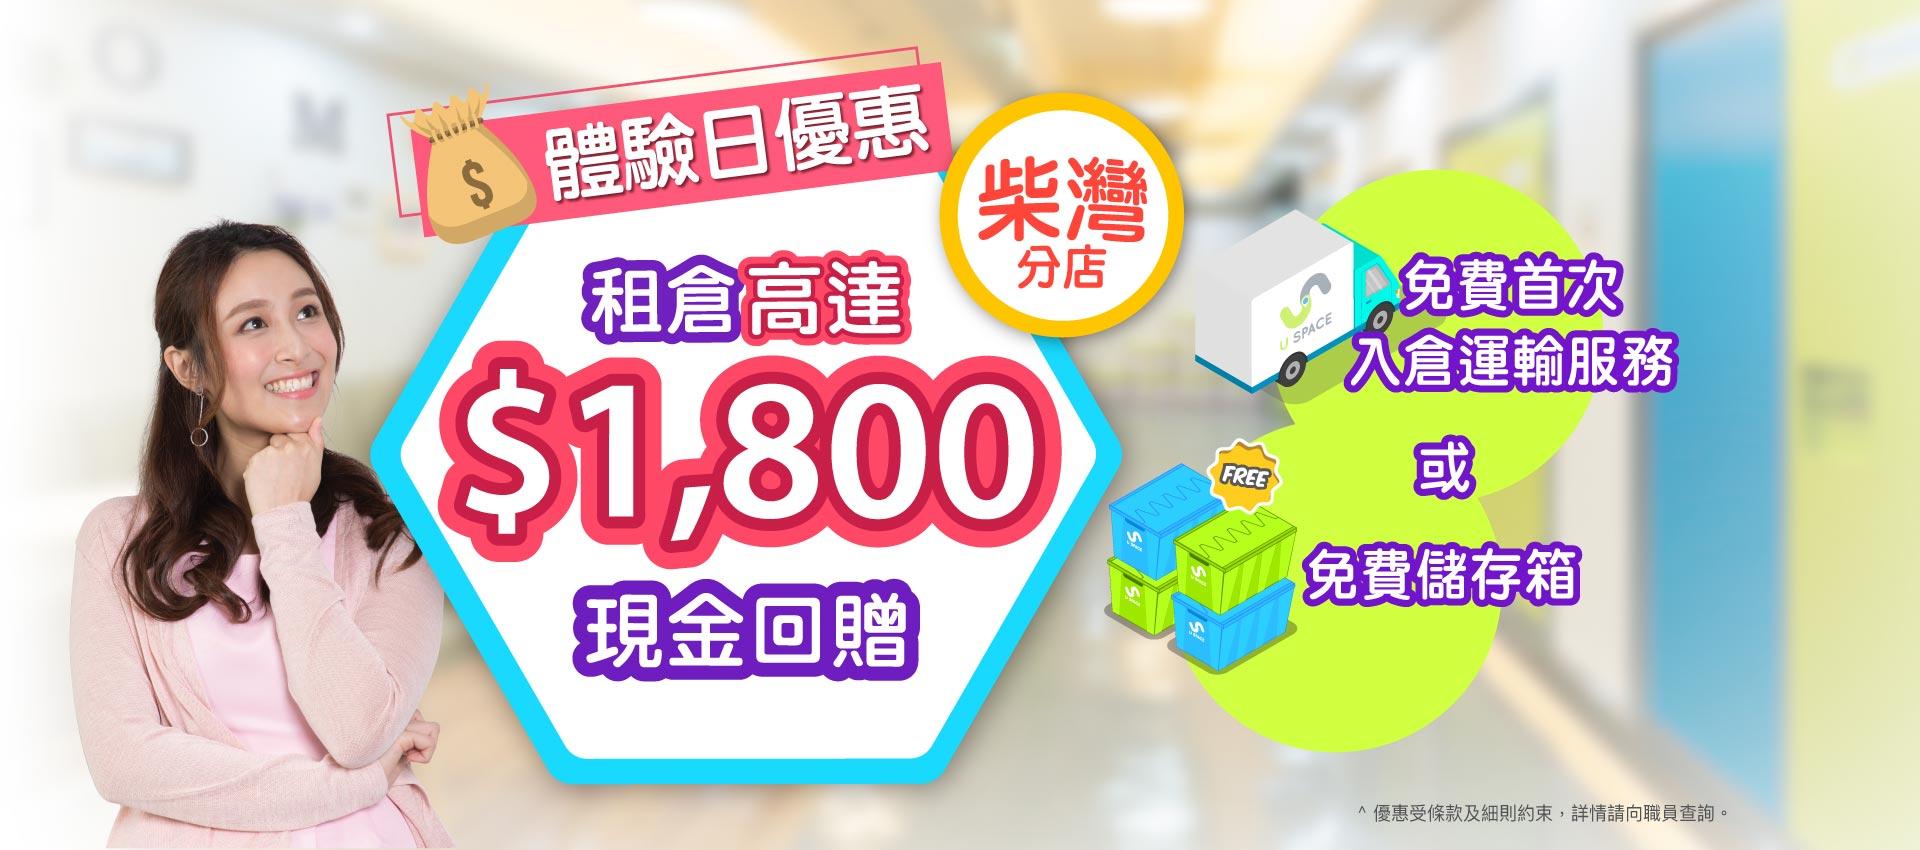 柴灣分店體驗日:高達$1,800現金回贈 再送「入倉免費運輸」或「儲存箱」